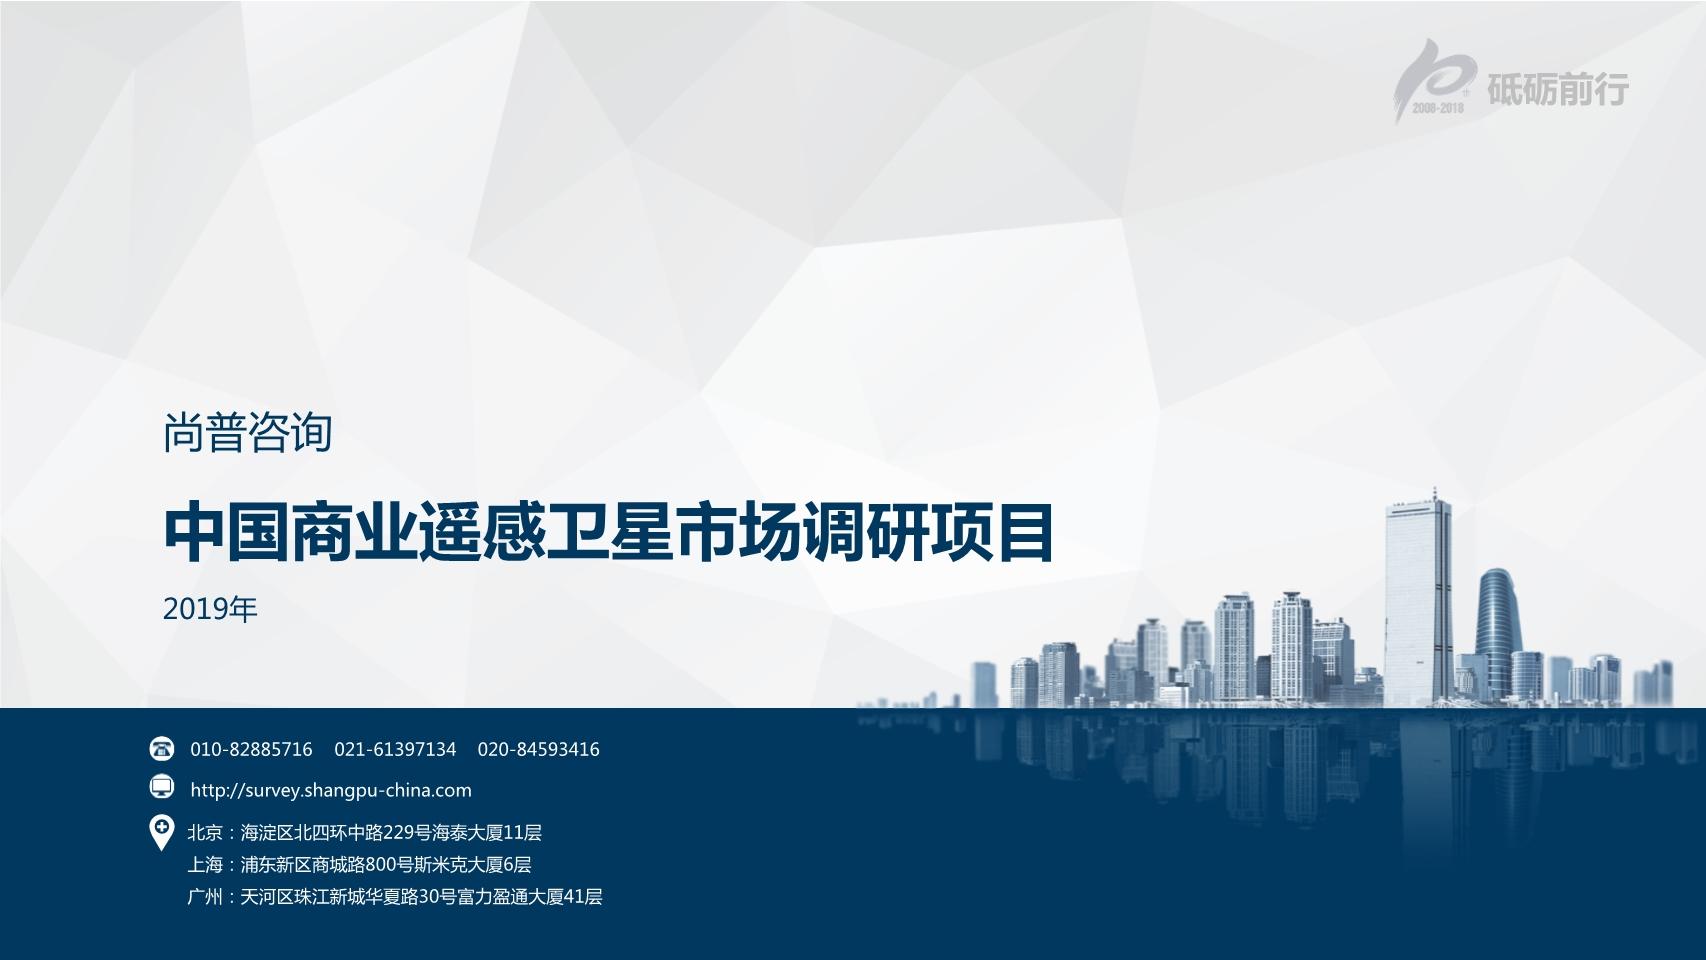 尚普咨询-中国商业遥感卫星市场调研